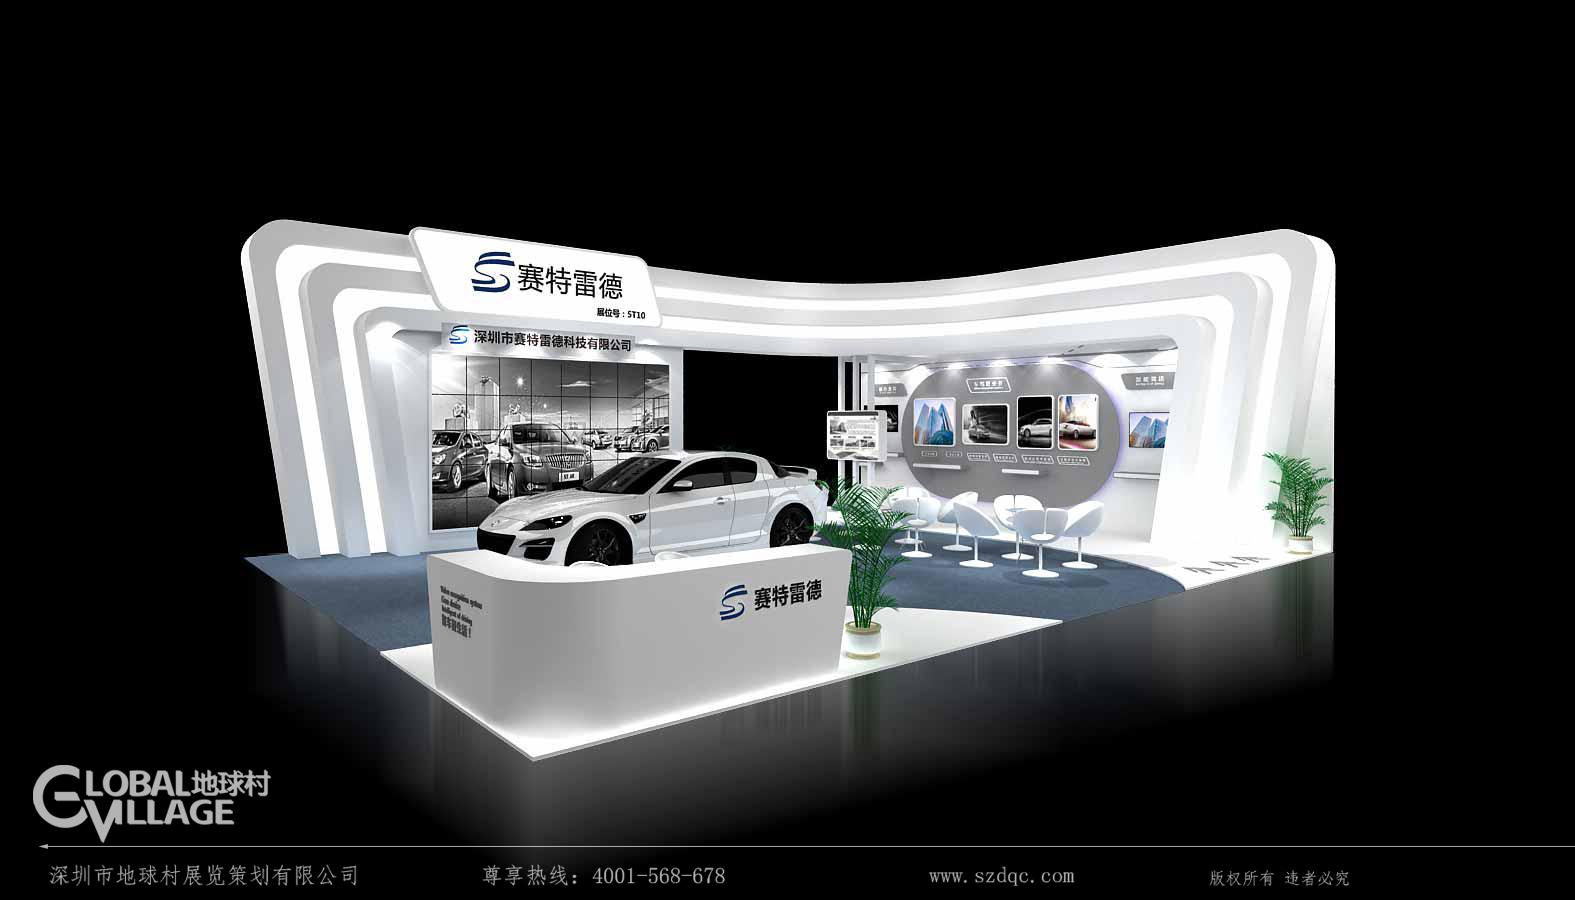 2017南京智能交通展_赛特雷德效果图高清大图